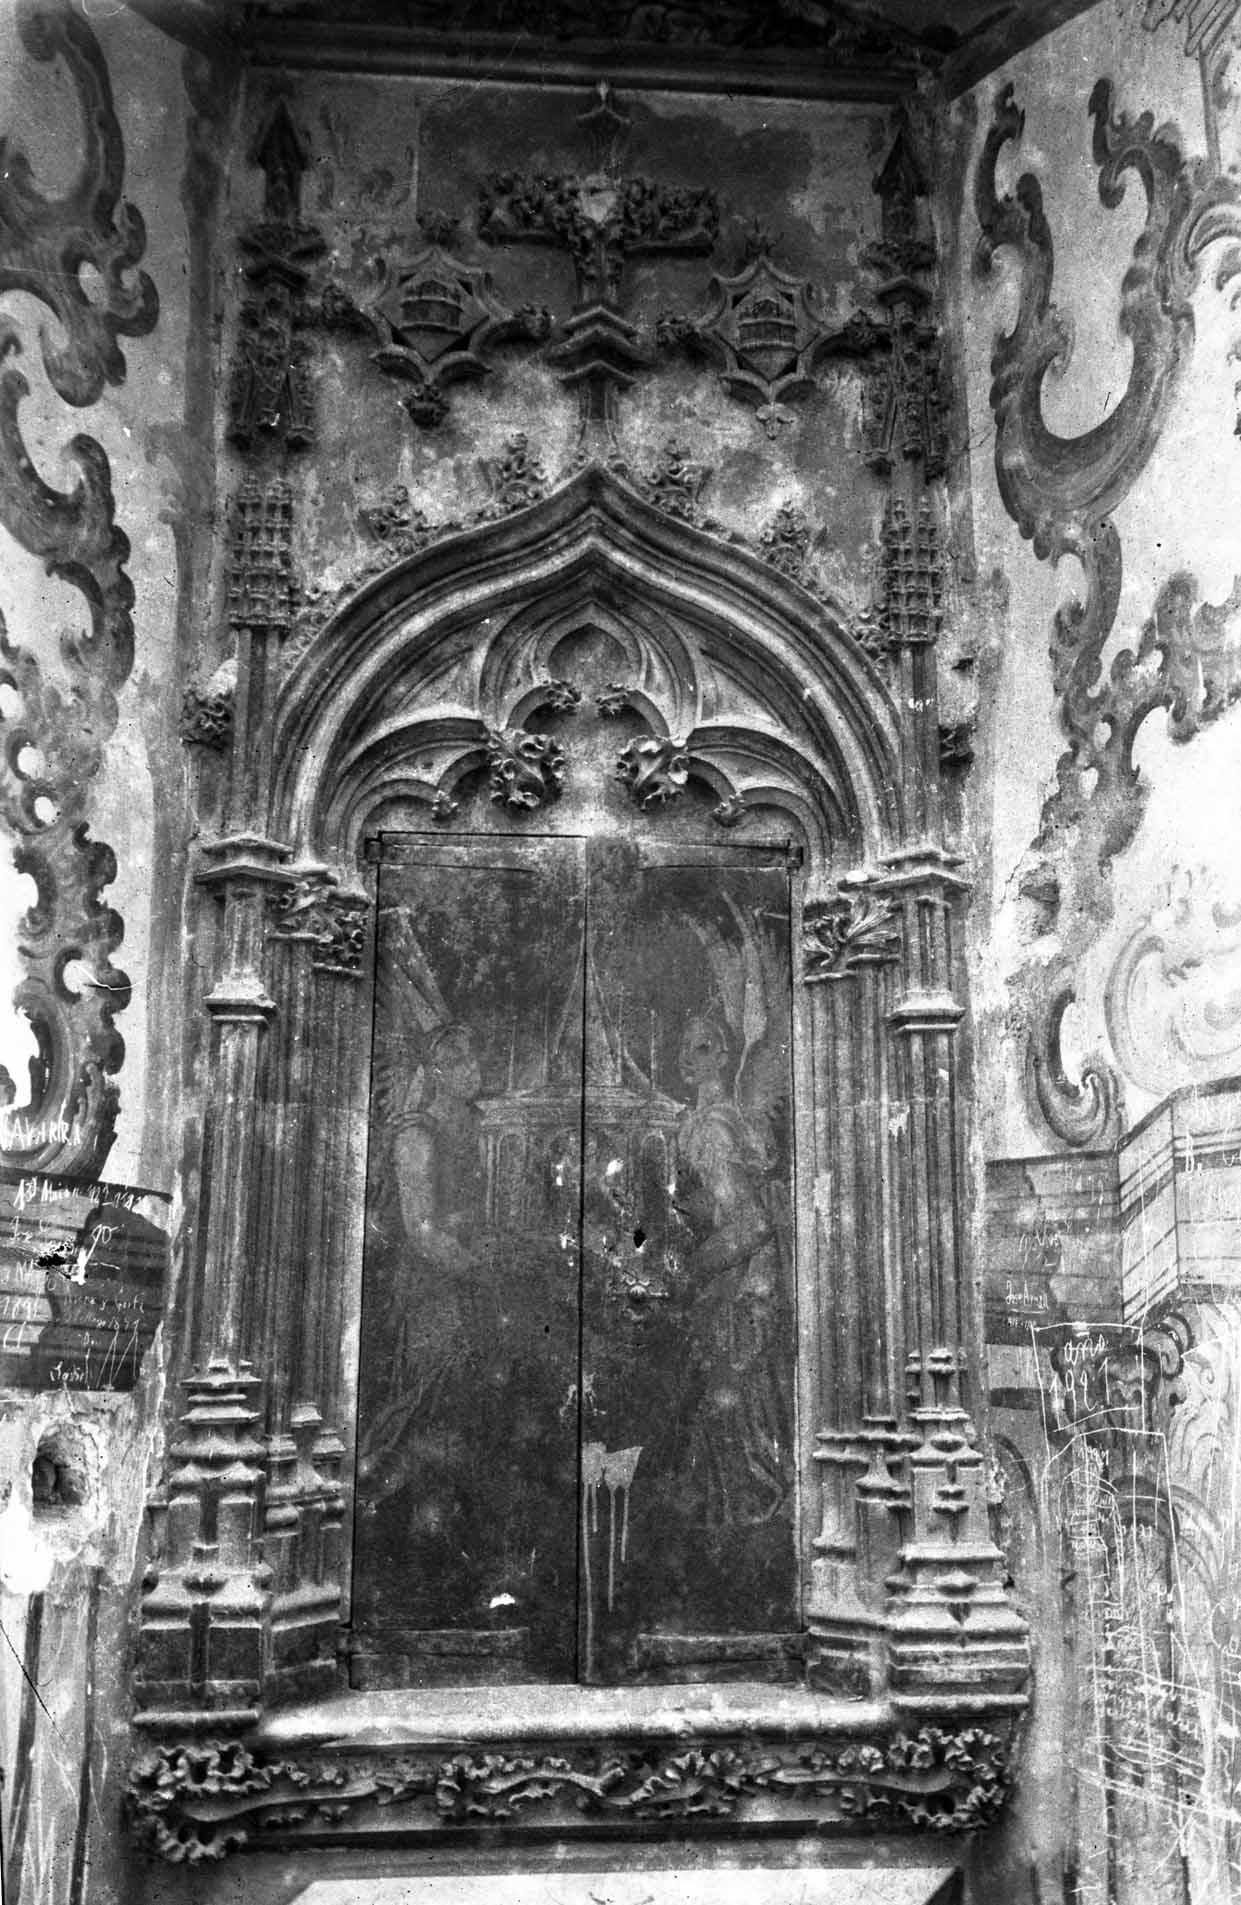 Vista de detall de la part posterior del retaule gòtic de l'altar major de la basílica de Santa Maria, a Castelló d'Empúries, entre els anys 1942 i 1944 (ACGAX. Fons Sadurní Brunet Pi. Autor: Sadurní Brunet)